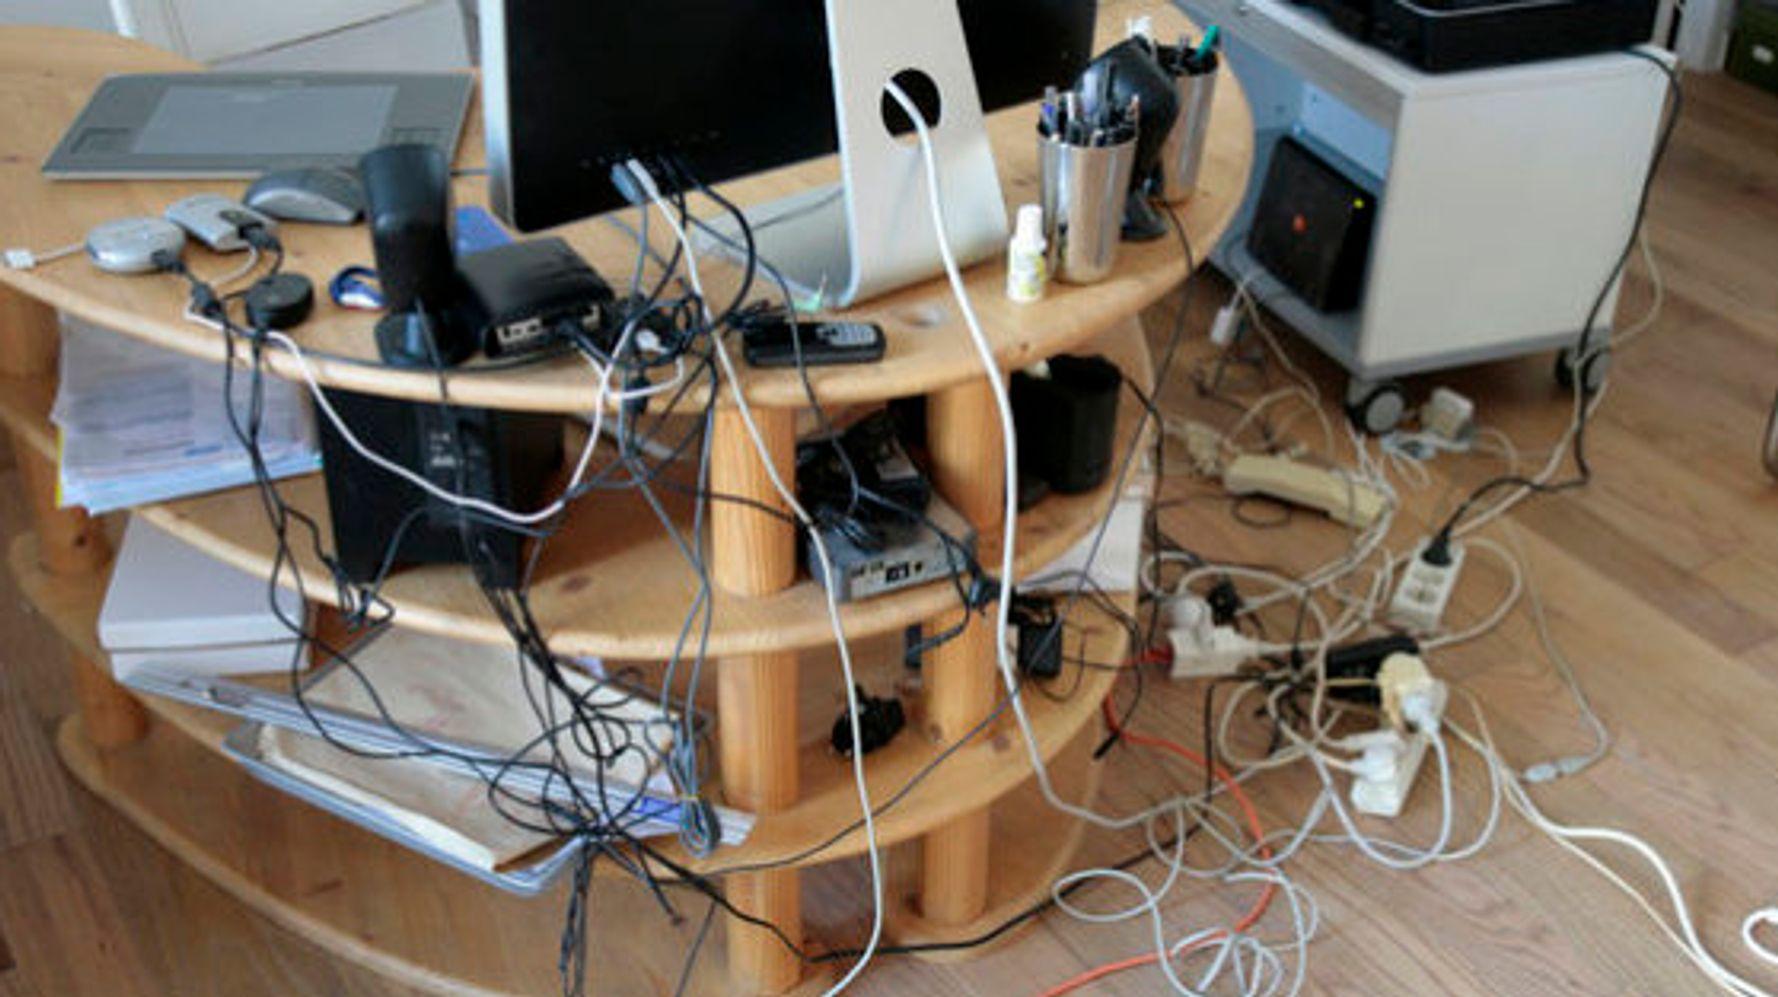 Comment Cacher Ses Cables 10 façons ingénieuses de dissimuler les fils électriques